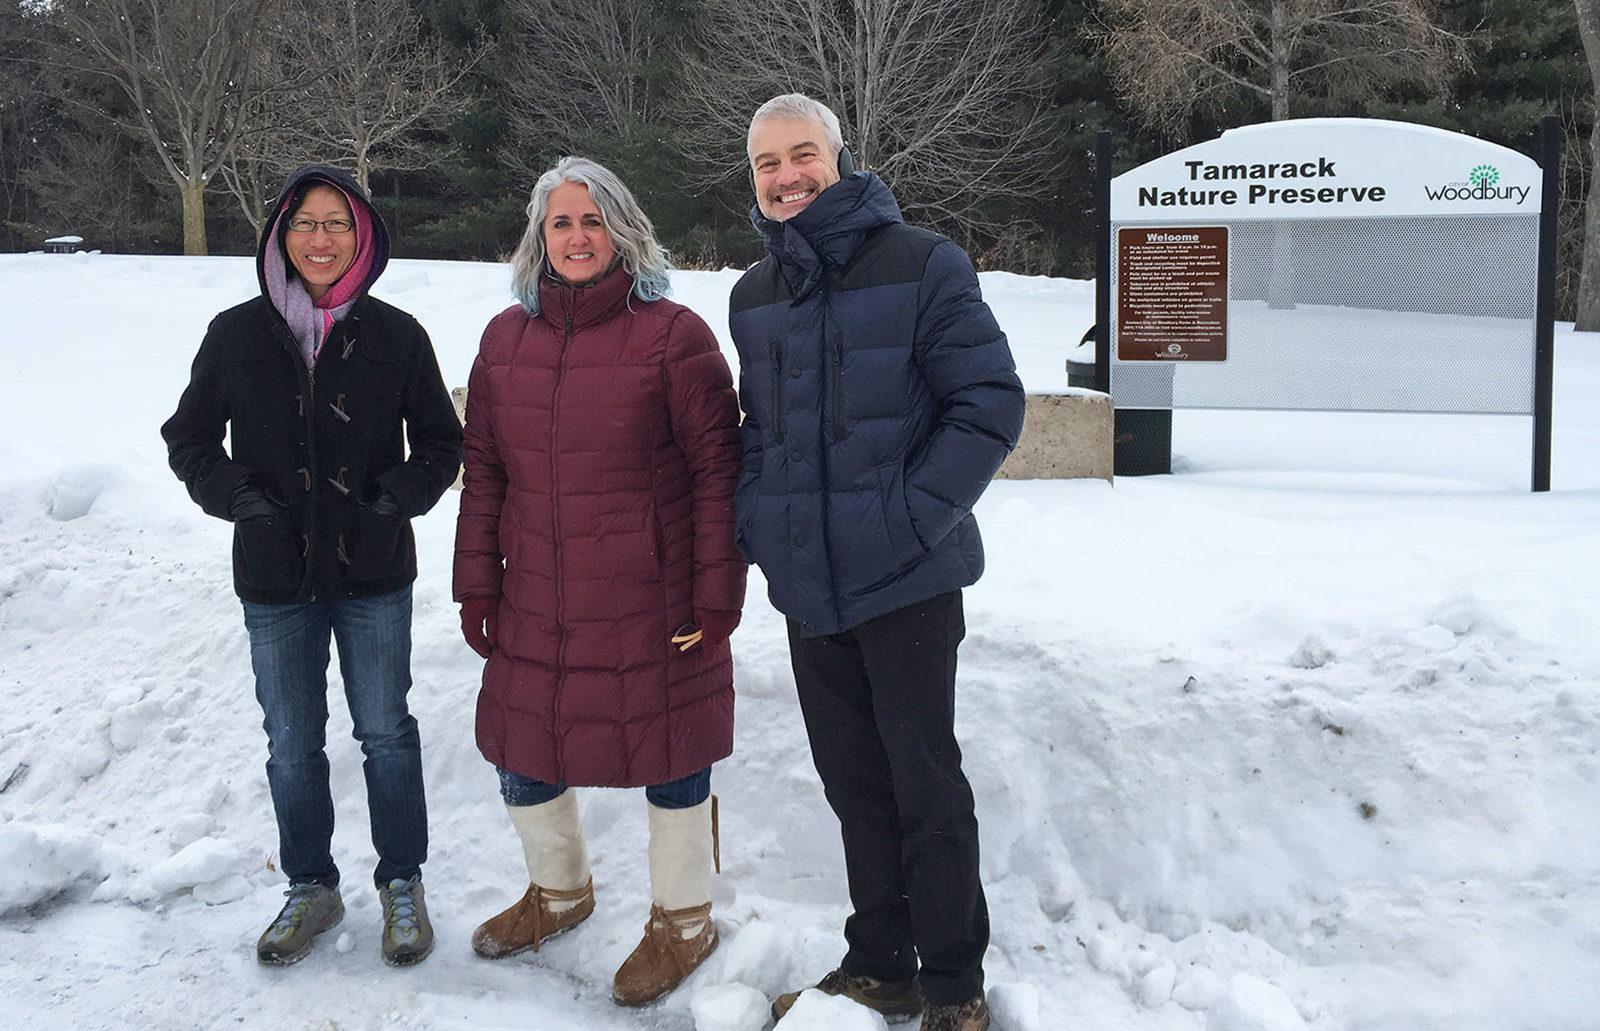 Stephanie, Dana and John at Tamarack Nature Preserve